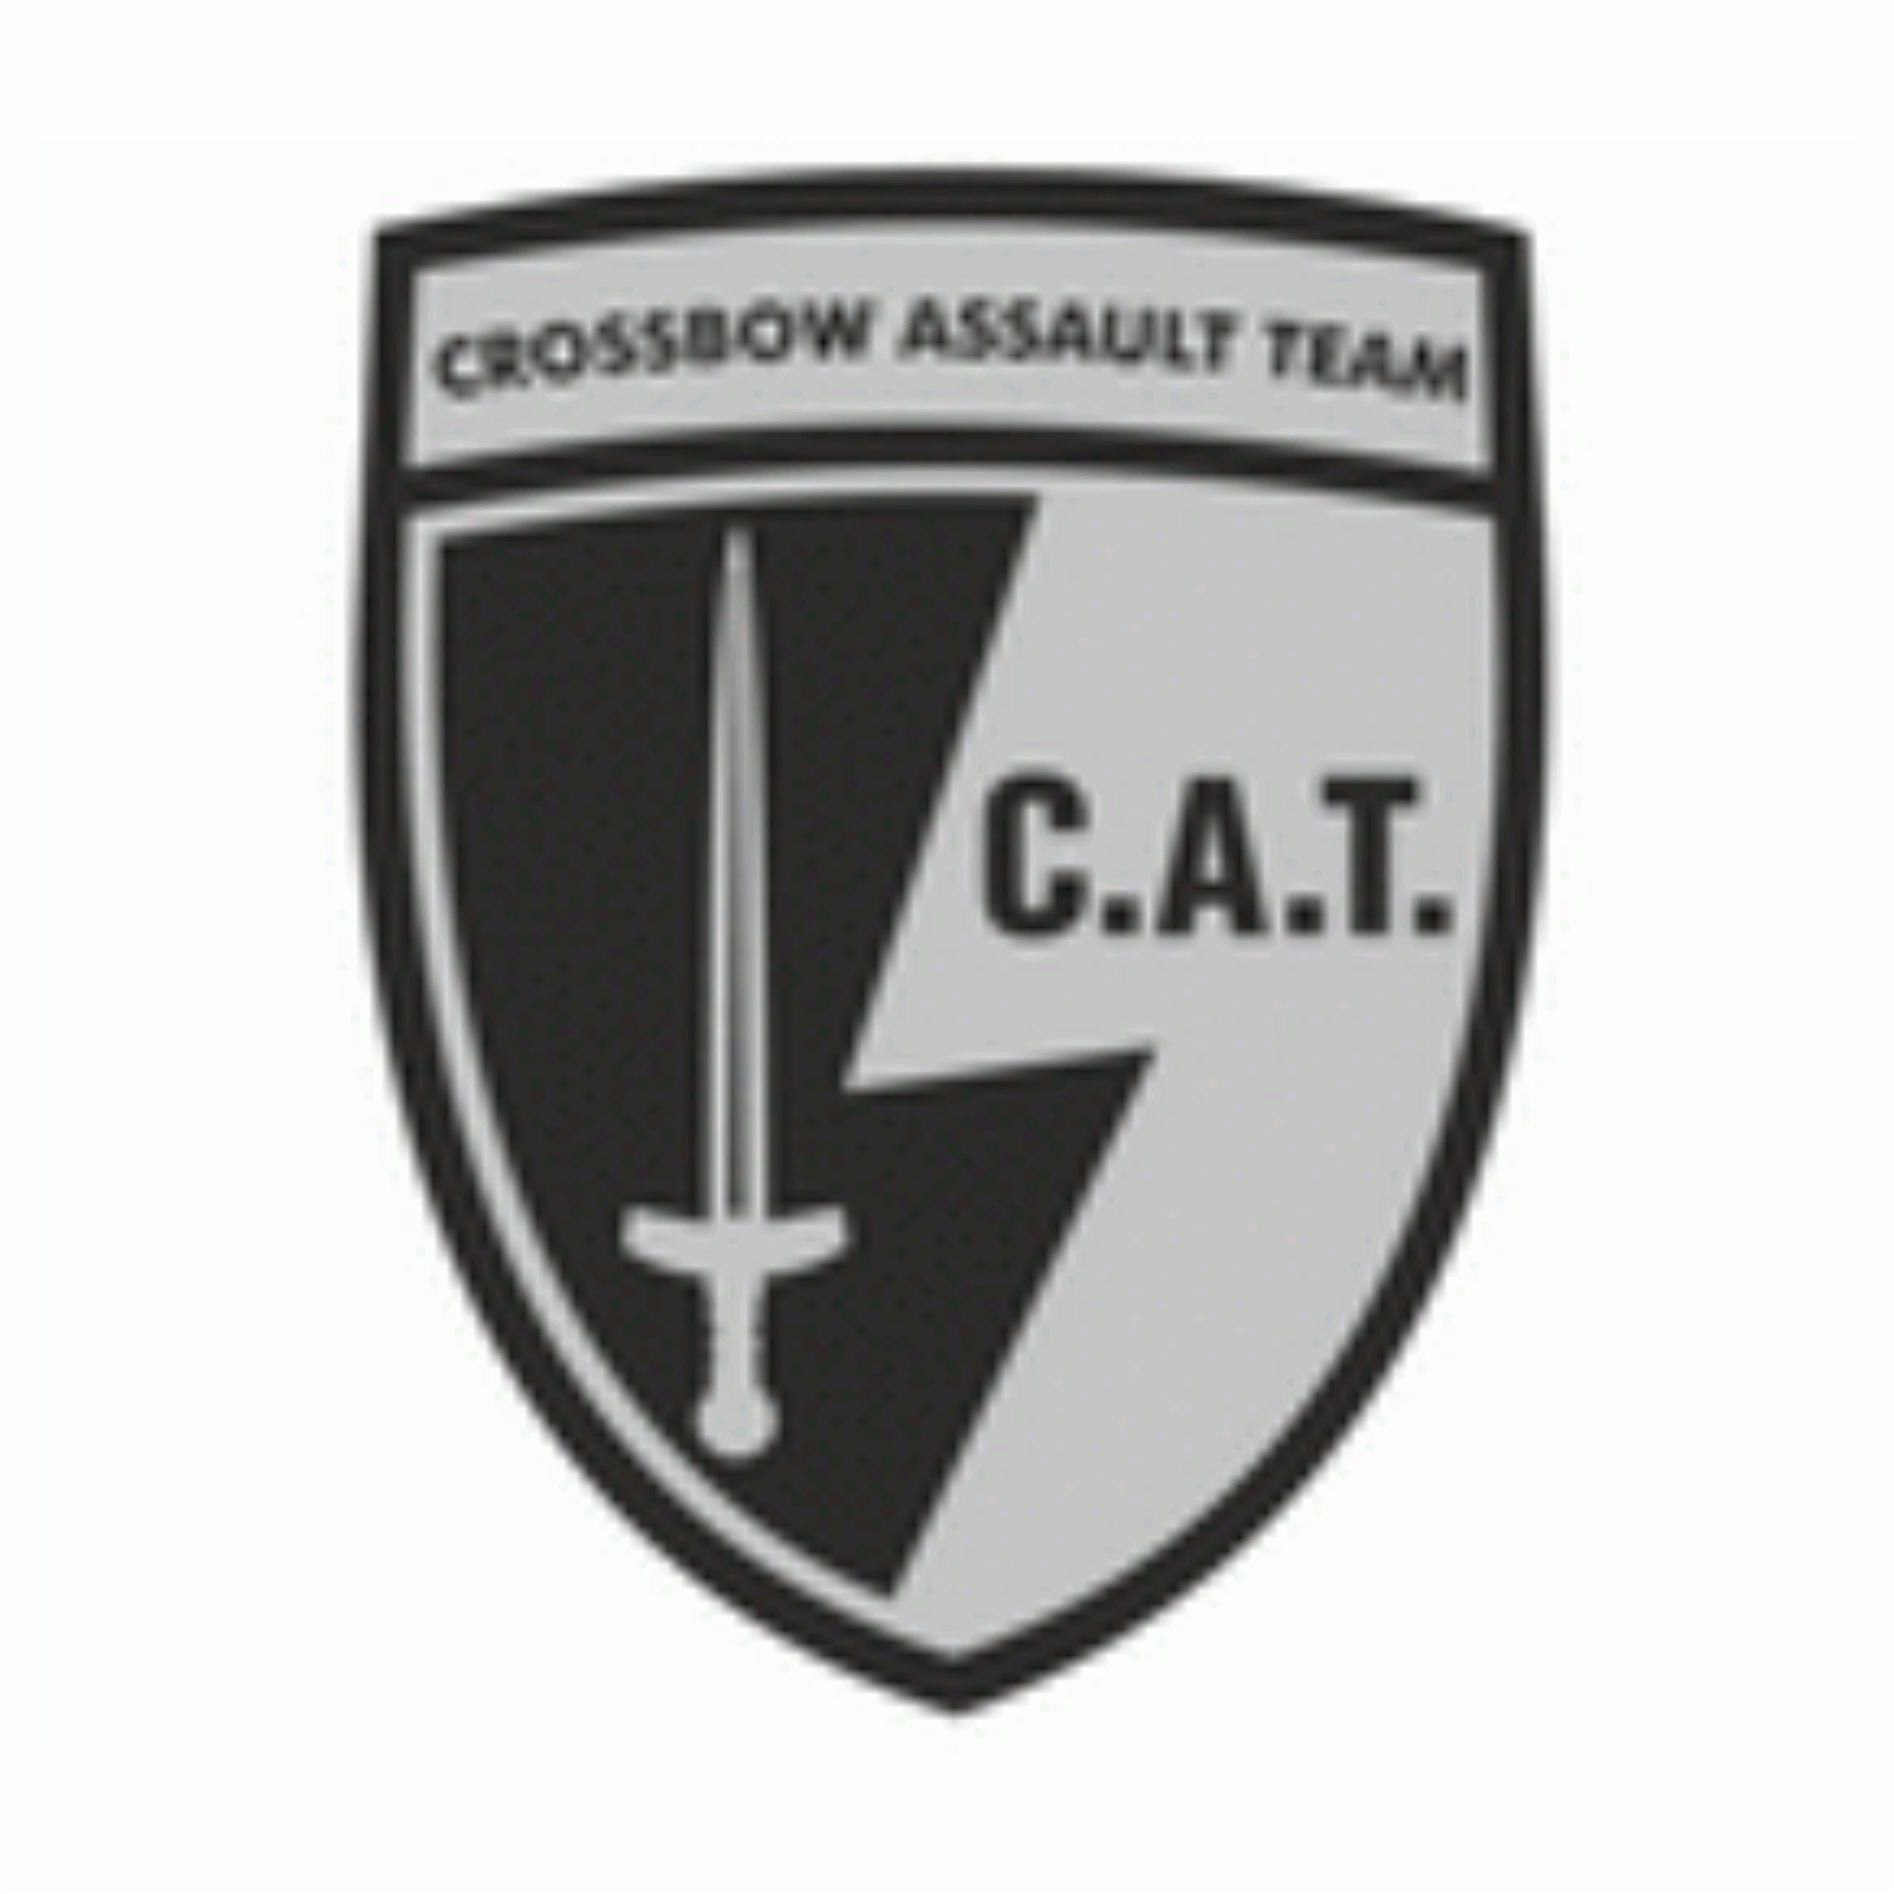 CROSSBOW ASSAULT TEAM